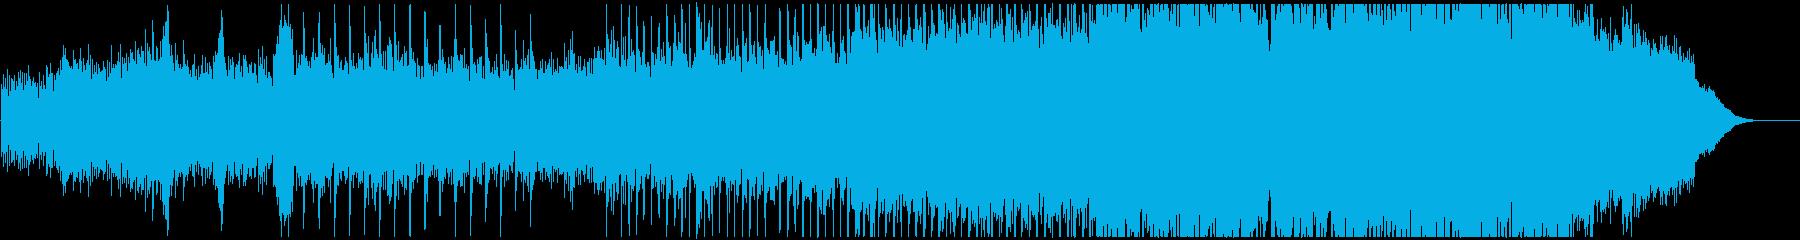 アコギ主体の透明感のある曲、映像等にの再生済みの波形